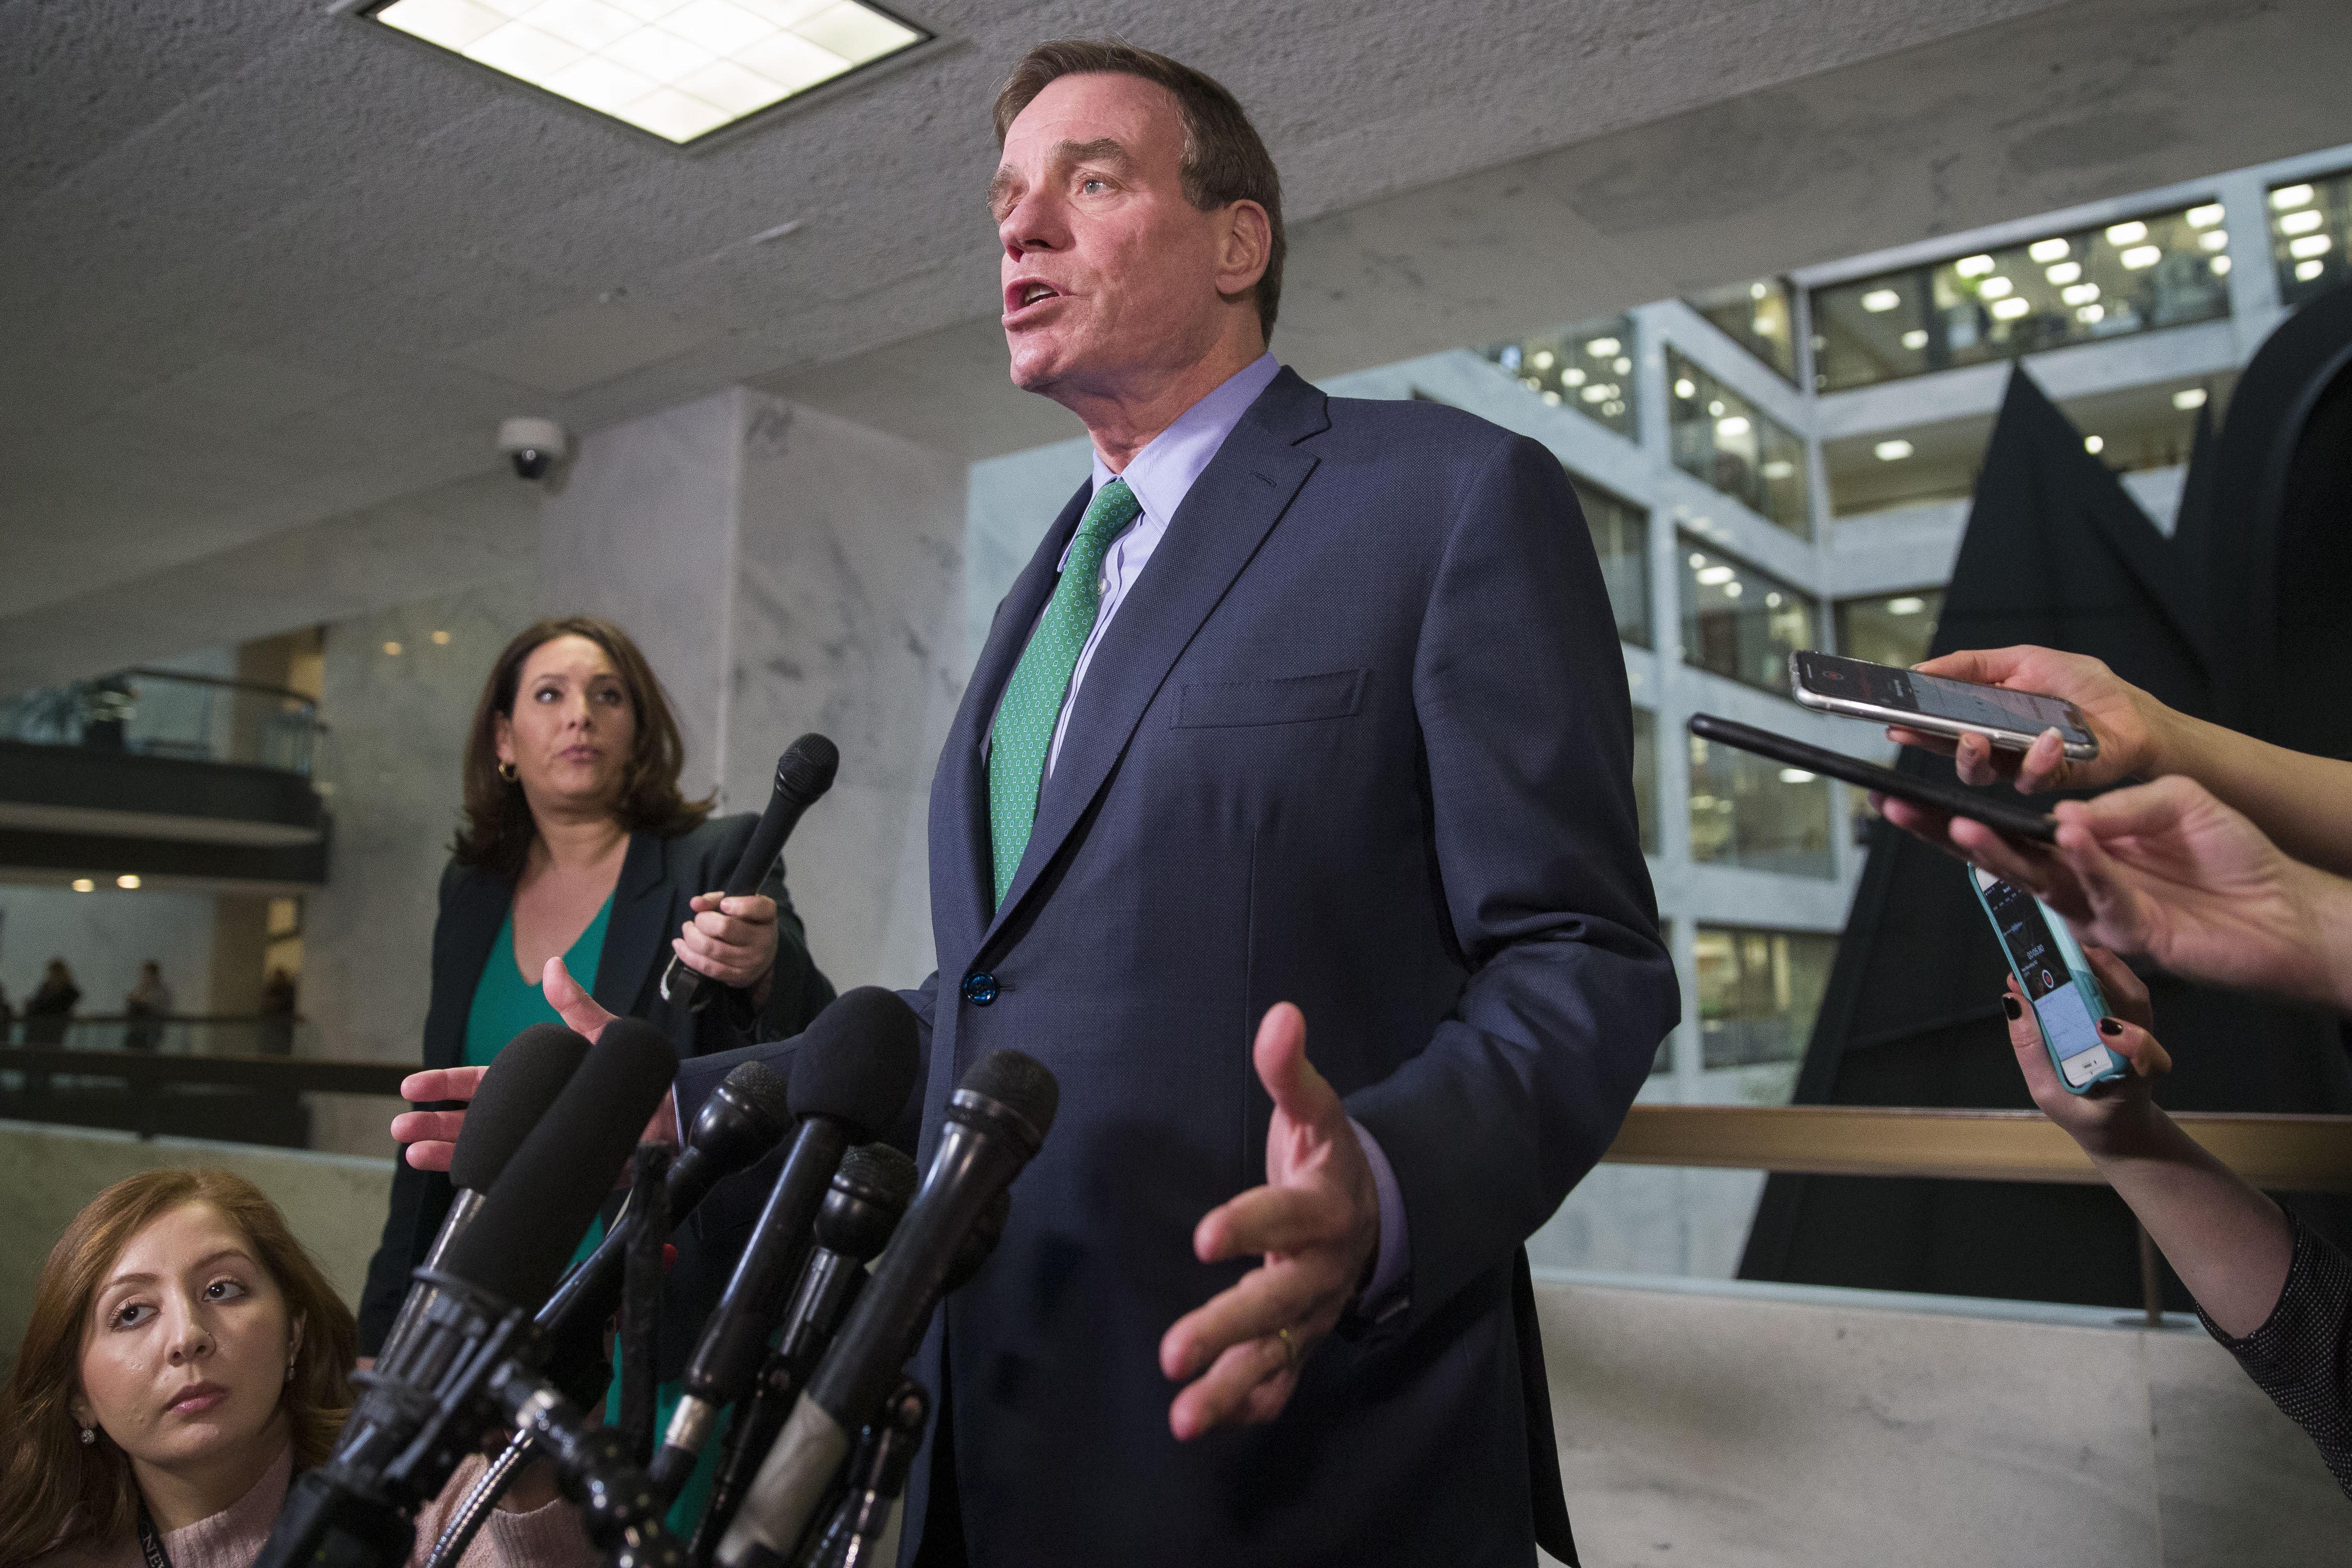 Democrats Demand Immediate Release Of Mueller